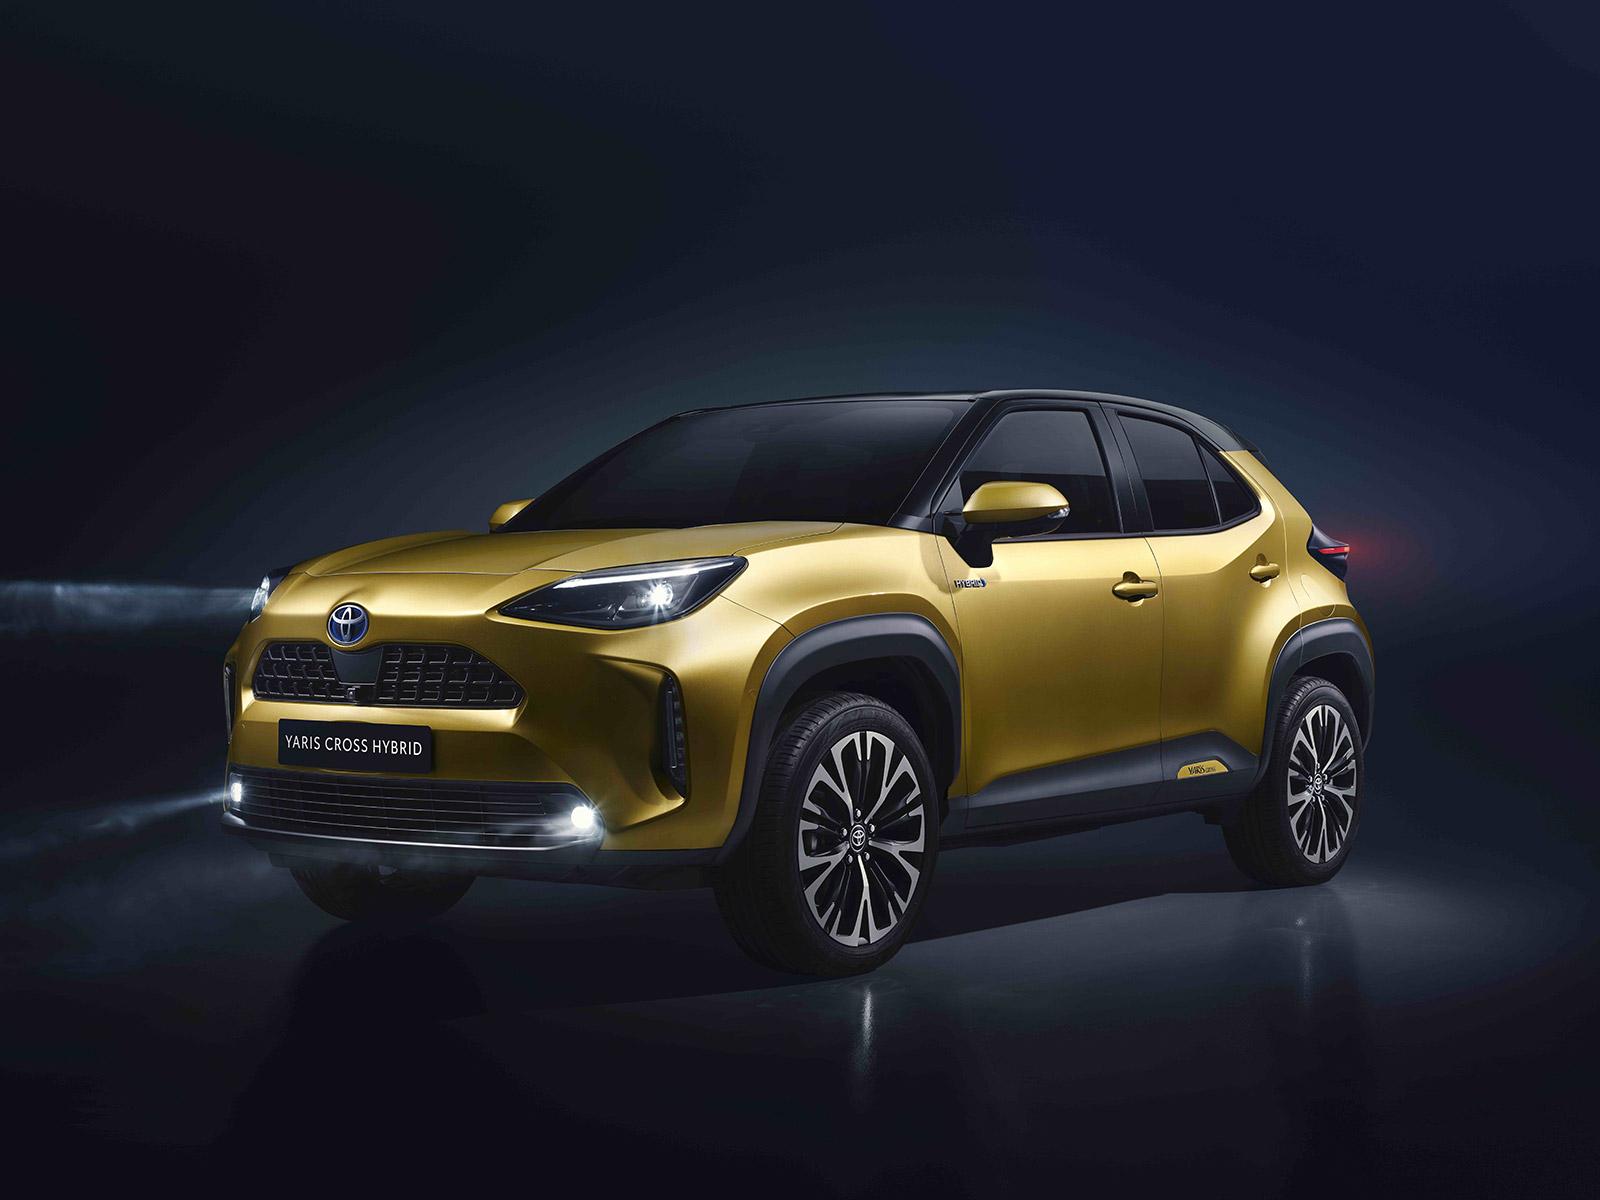 Nouvelle Toyota Yaris Cross Hybride à découvrir dans vos concessions du groupe Edenauto